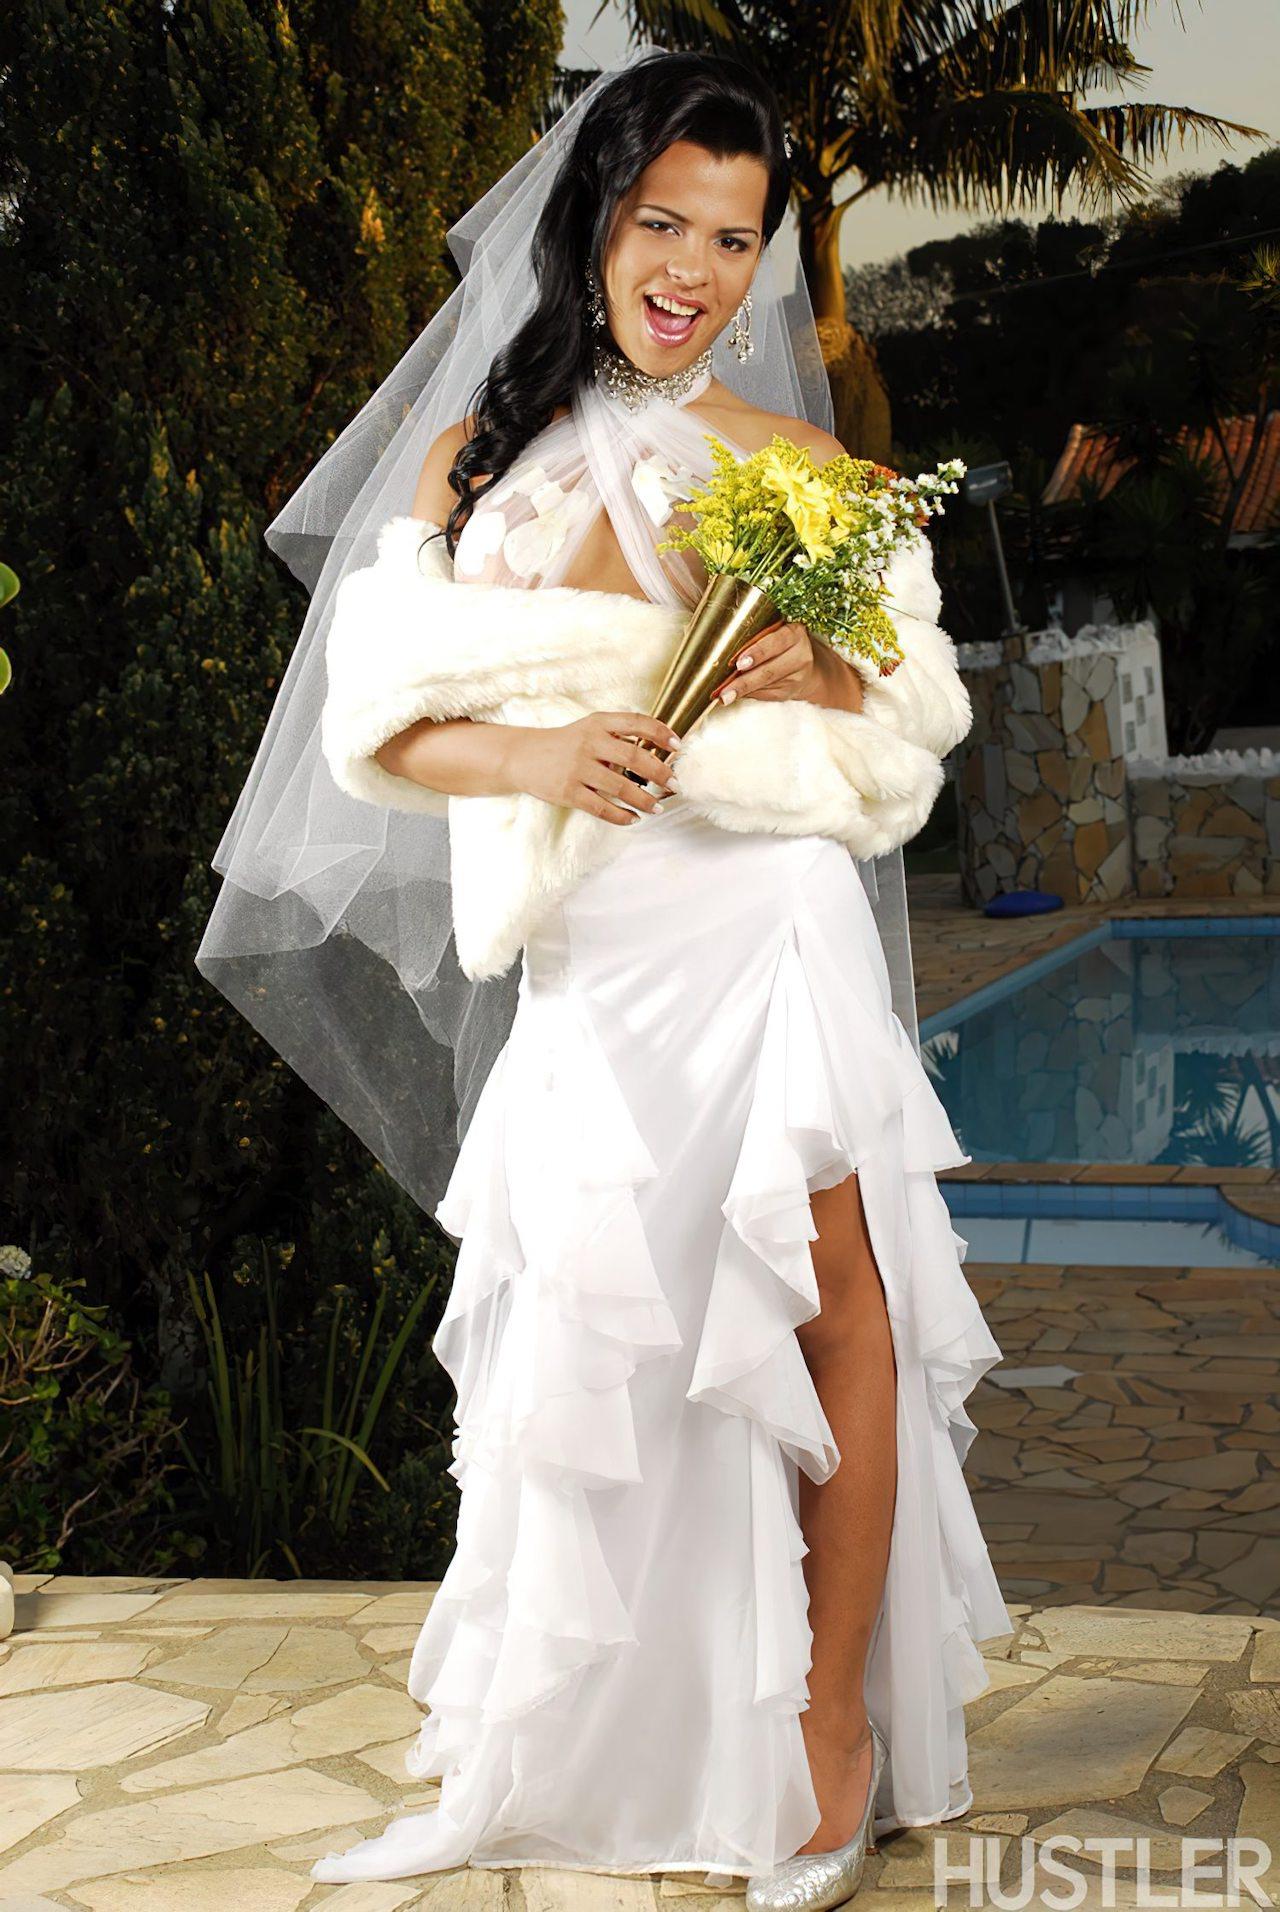 Transex Gostosa Dia Casamento (2)